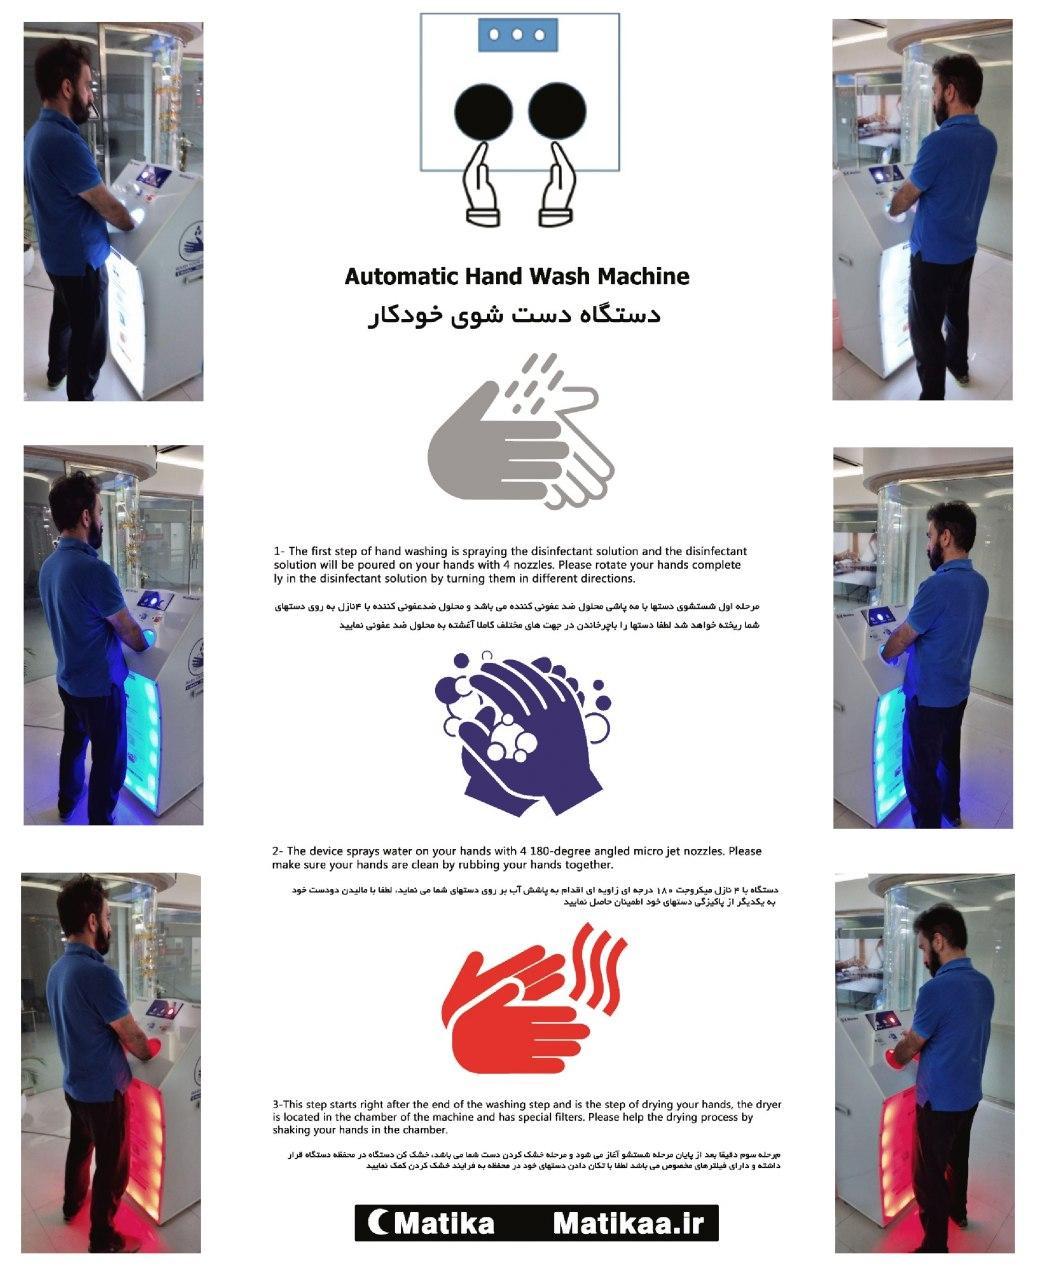 دست شوی – دست شوی اتومات – دست شوی خودکار – دستشوی اتومات - دستشوی اتوماتیک – دستشوی – شوینده دست – دستگاه شوینده دست – دستگاه دستشوی – دست شور- دستشور – دستشویی - آنتی کرونا – ضد کرونا – ضدعفونی دستها – شوینده های دست – تجهیزات بهداشتی – تجهیزات پزشکی – تجهیزات اتاق عمل – تجهیزات بیمارستان